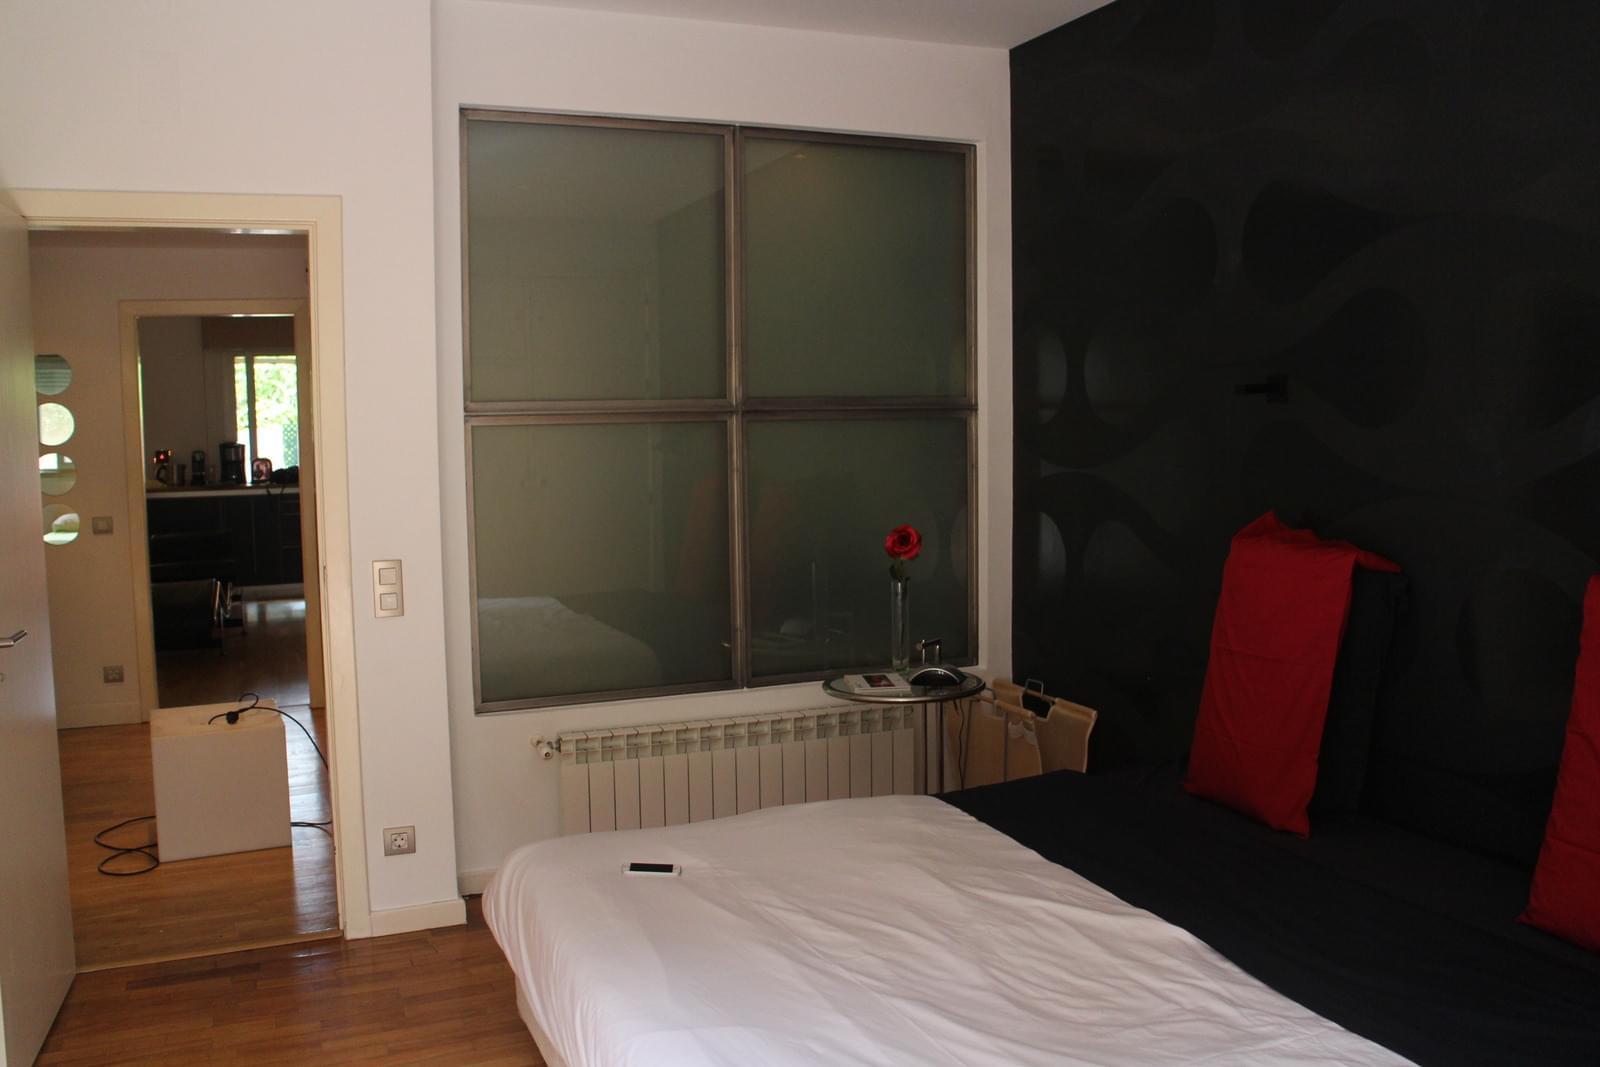 pf17538-apartamento-t2-cascais-b7dc6f27-d444-484d-8877-7d12d7bda2d5